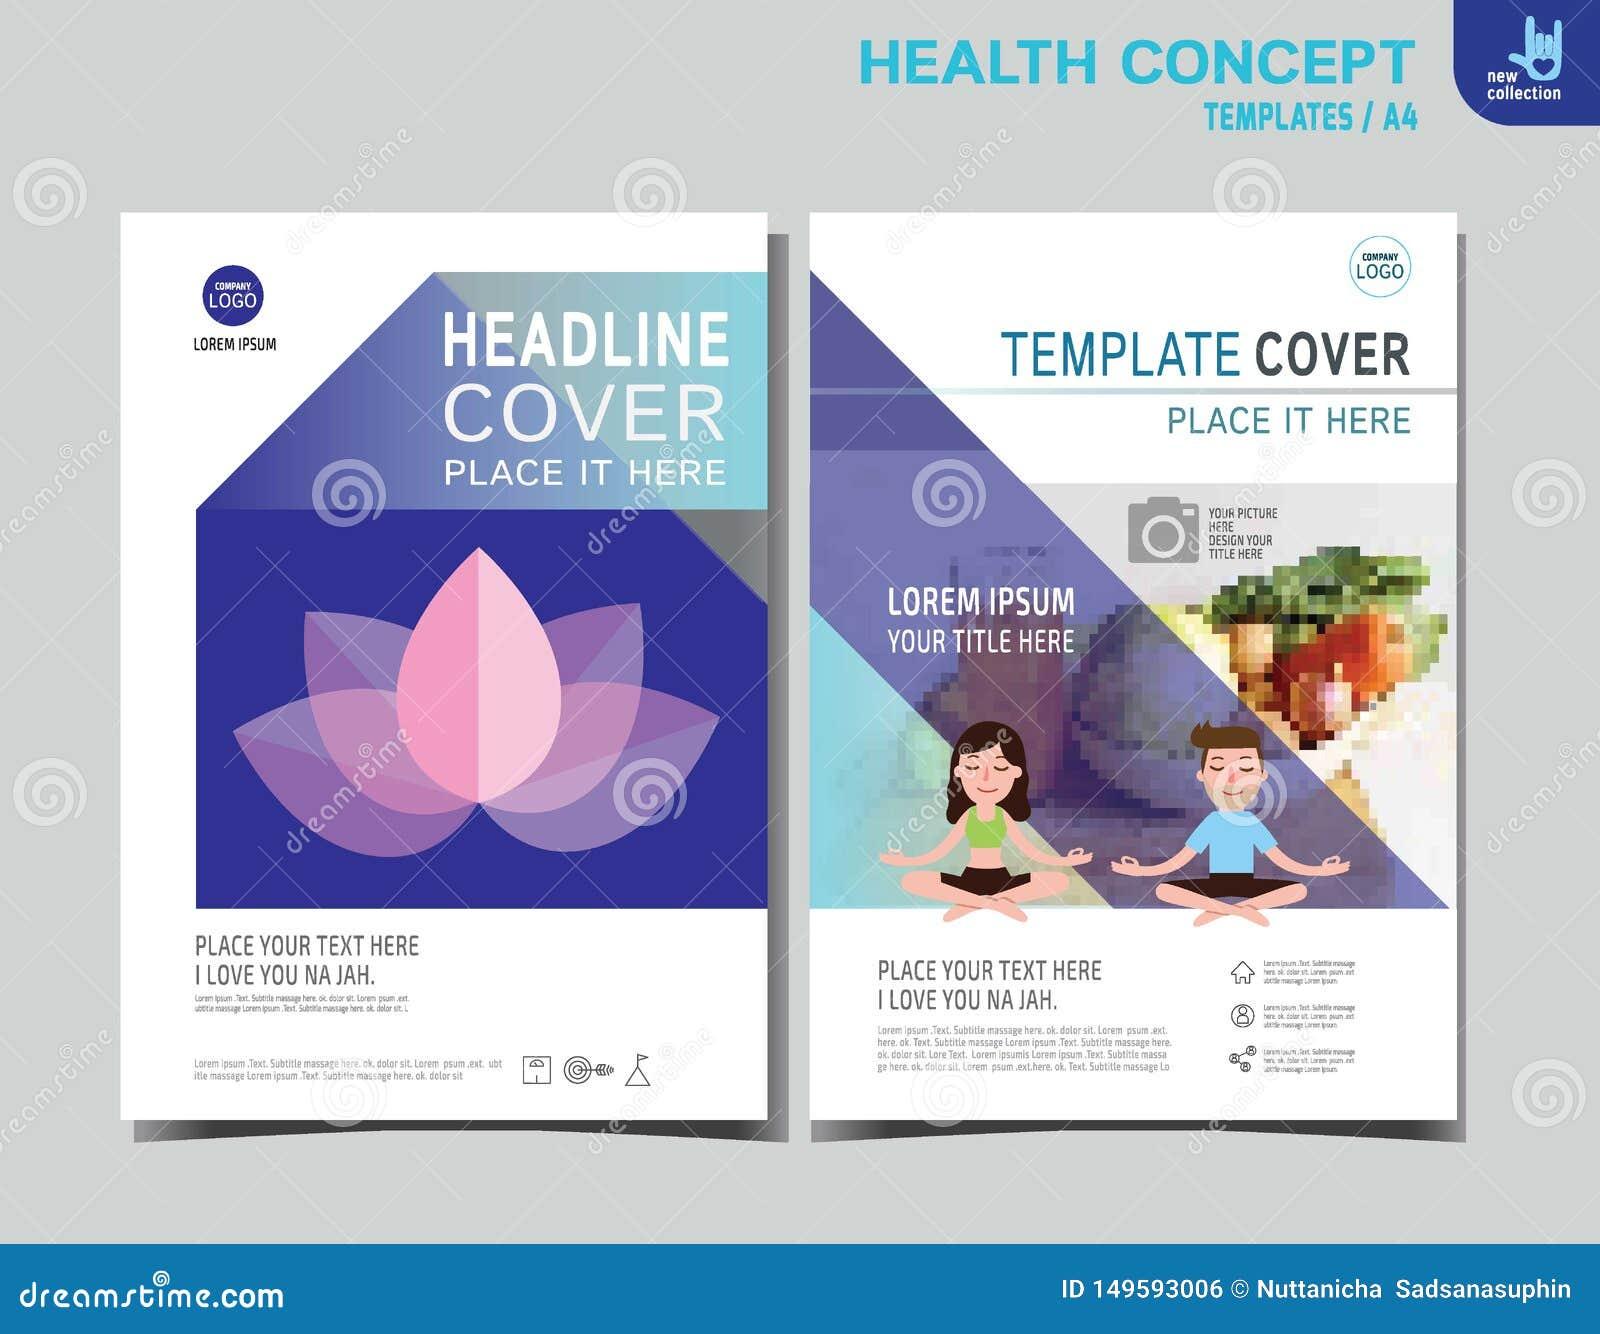 飞行物健康传单小册子模板A4大小设计